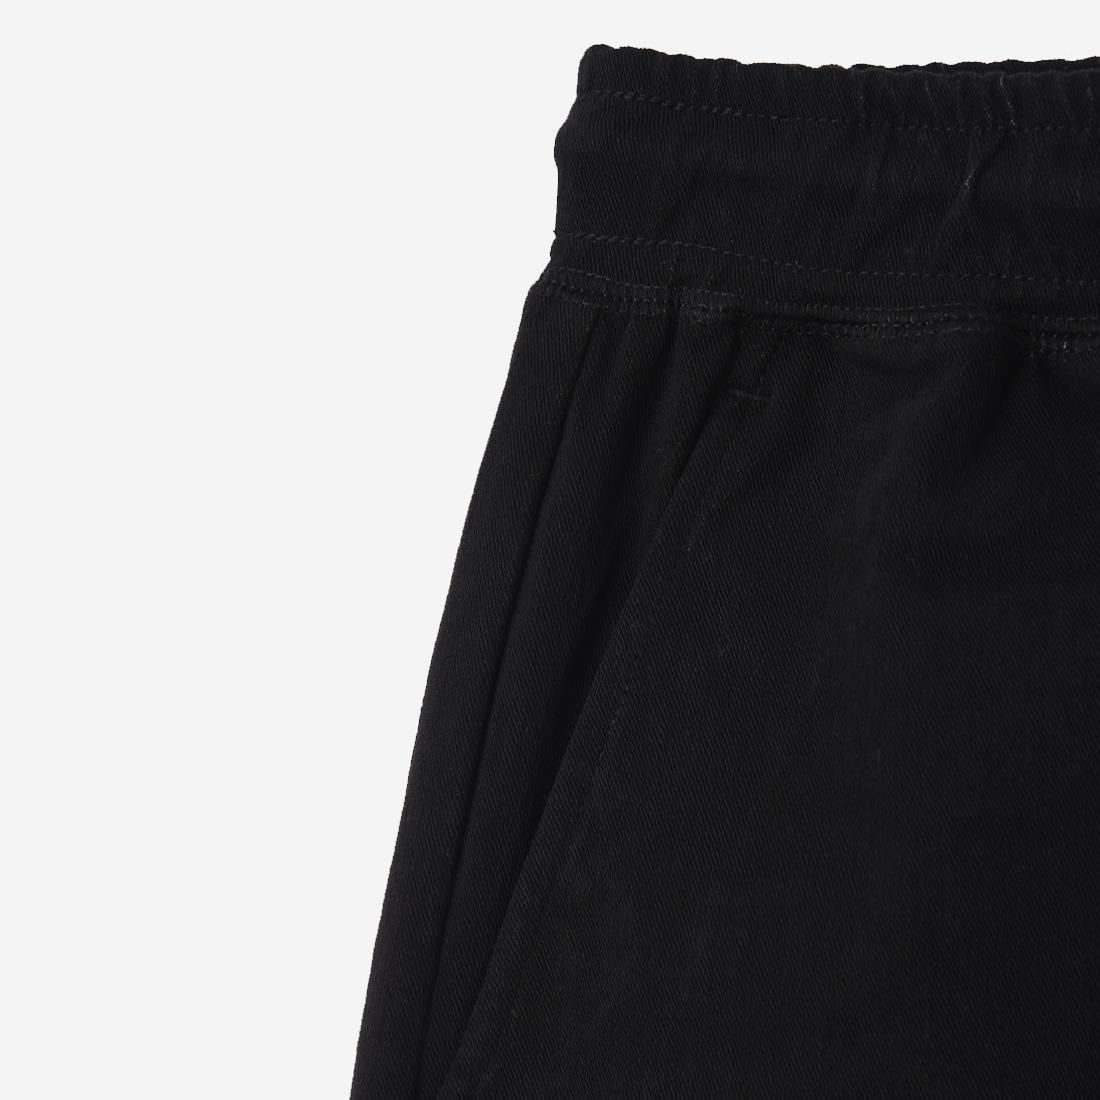 【BRAIN SLEEP×ReZARD コラボ】Cold touch Nightwear(セットアップ) ブラック